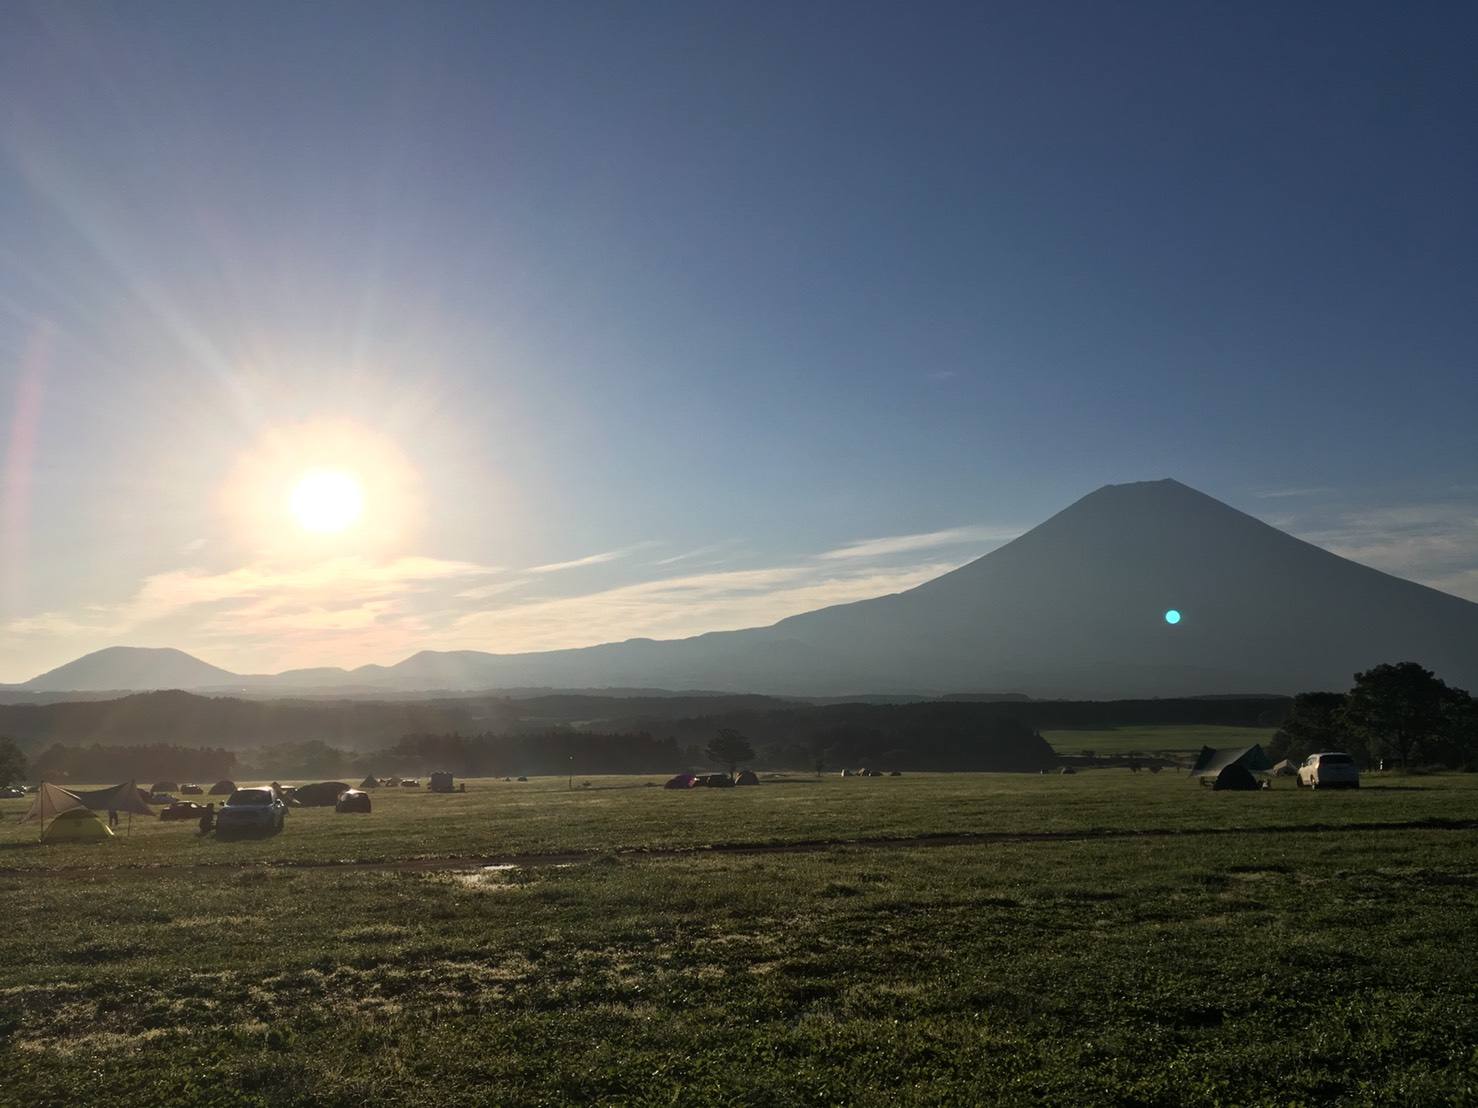 富士山 キャンプ 場 【完全版】富士山の見えるキャンプ場おすすめ23選!絶景を見るならこ...